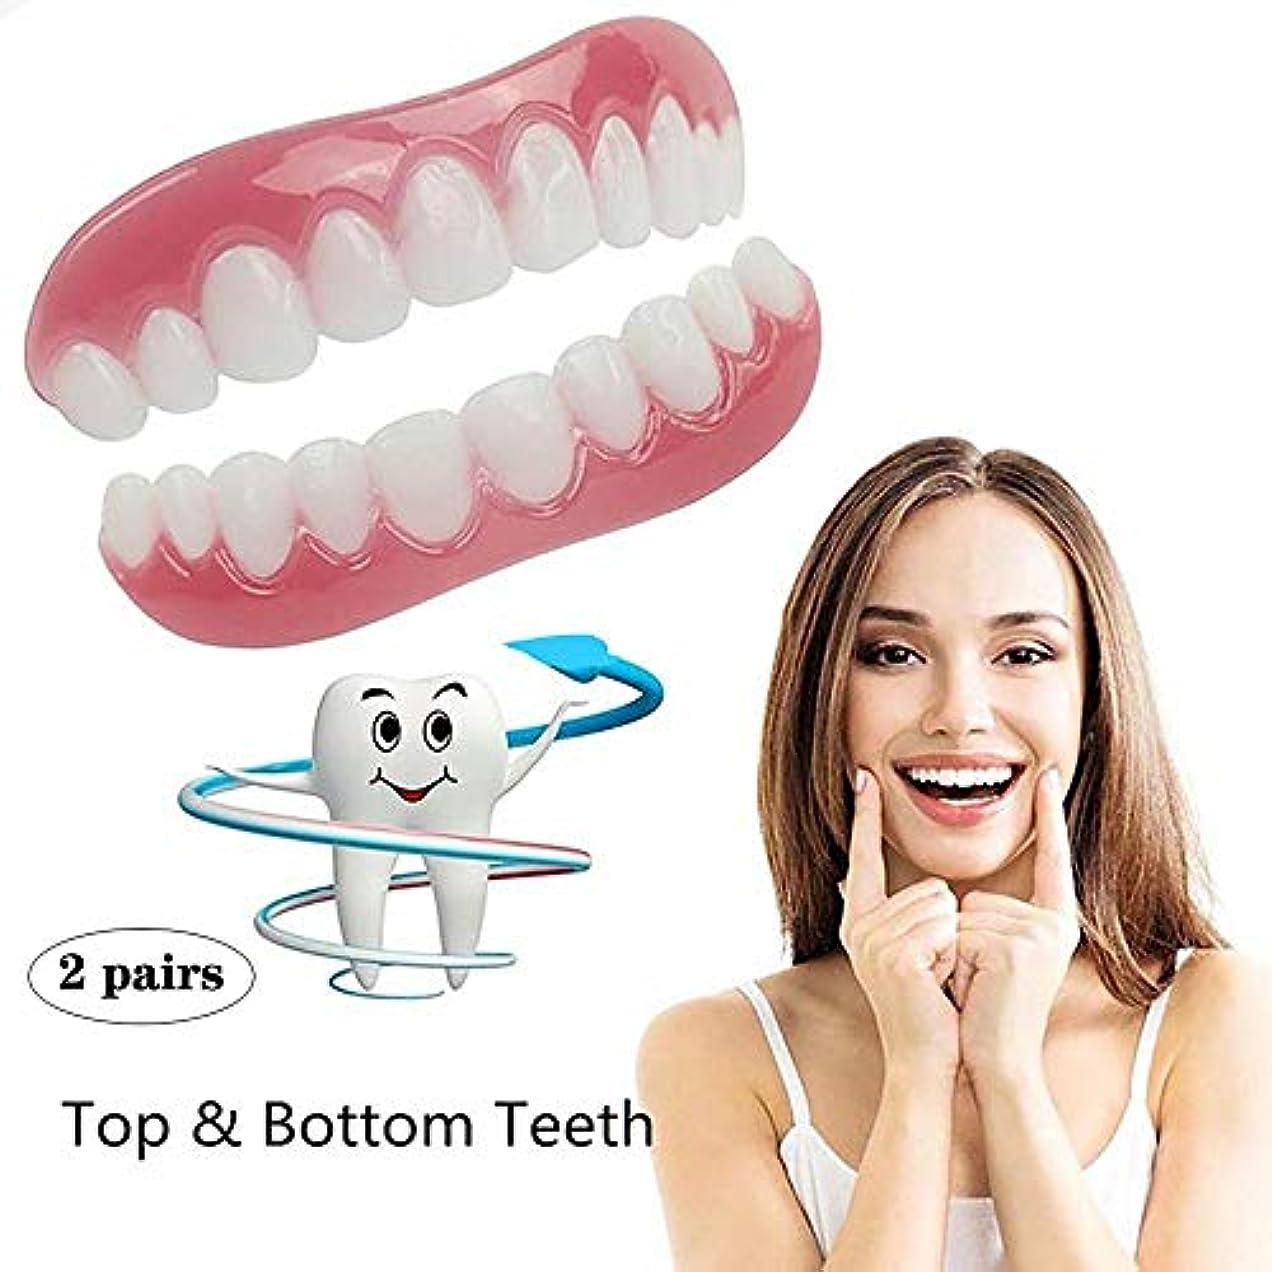 自我バット式2対の歯のベニヤ化粧品の歯のスナップオンセキュアアッパーロアフレックスデンタルベニア義歯ケアファッション